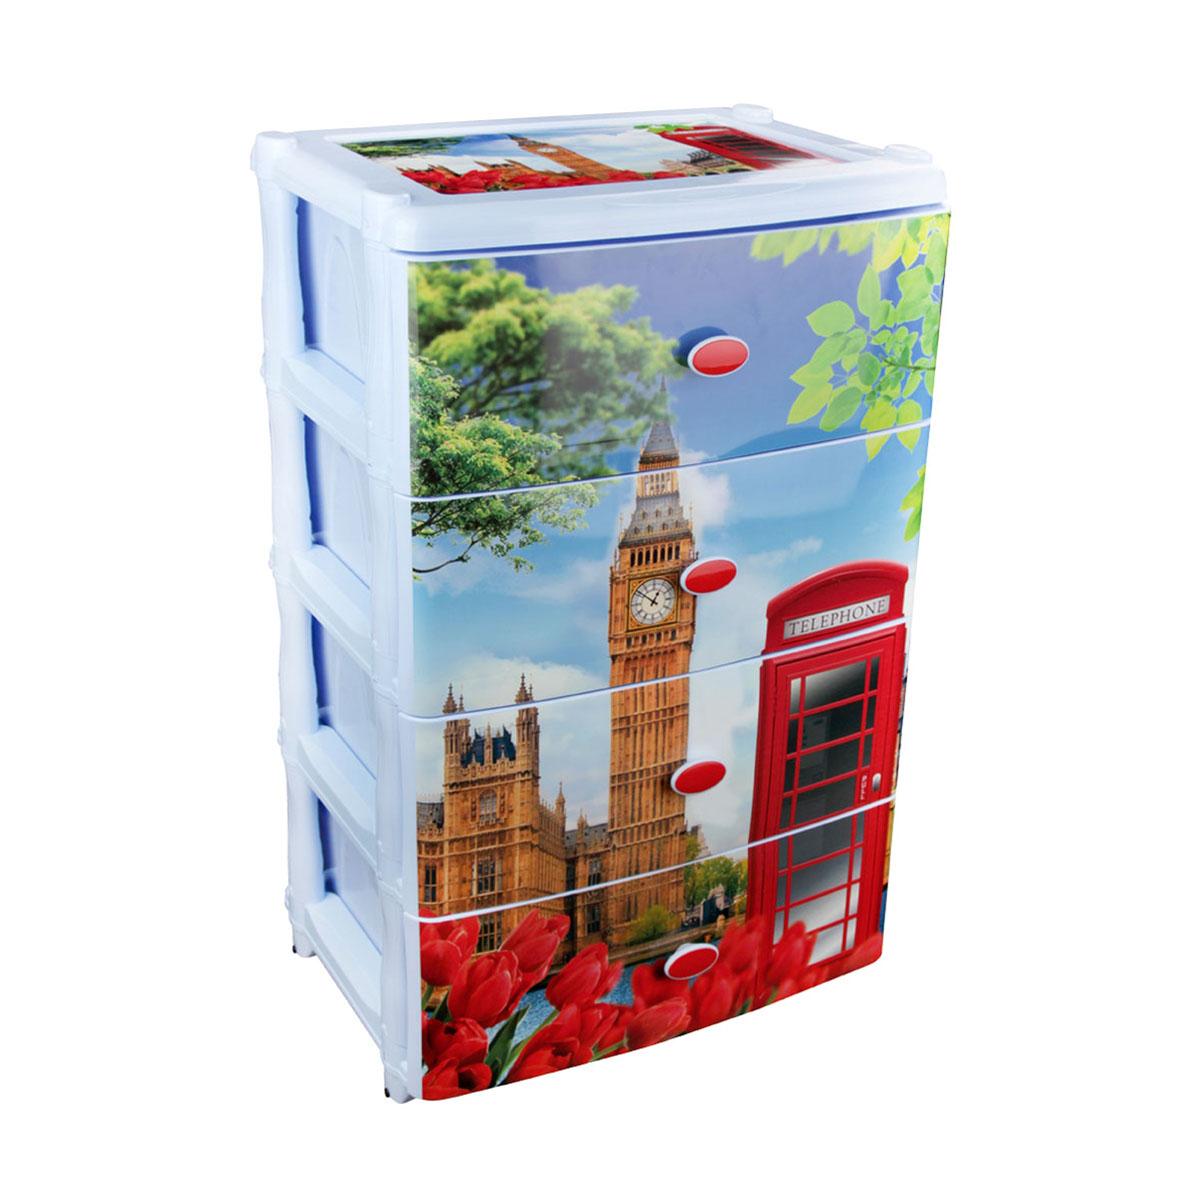 """Комод широкий Альтернатива """"Лондон"""", 61 см х 41 см х 61 см"""